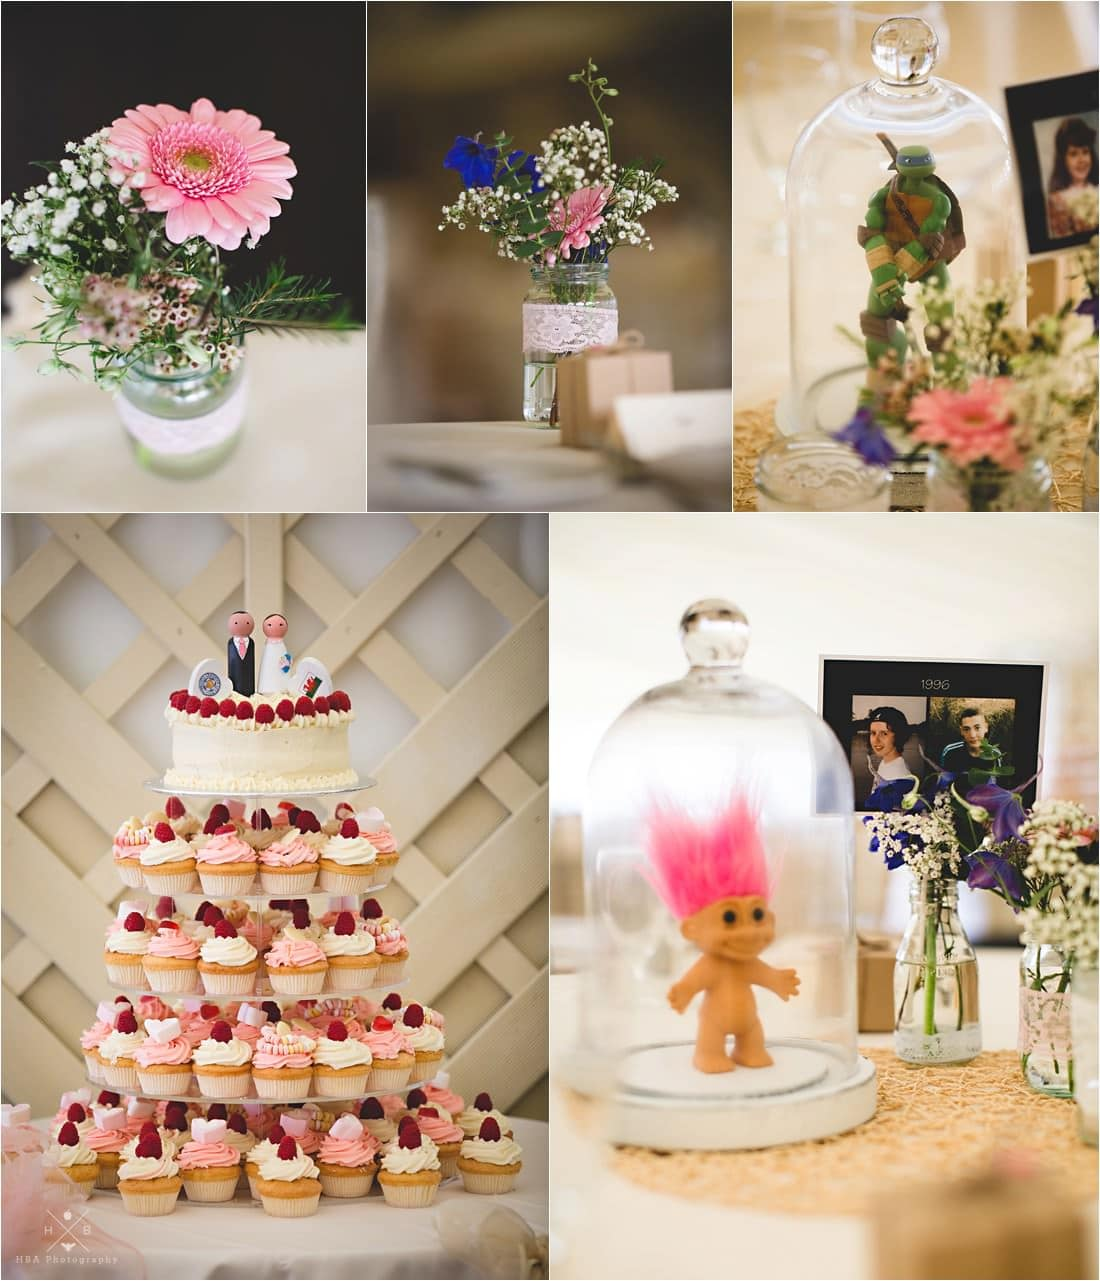 Christchurch hotel wedding